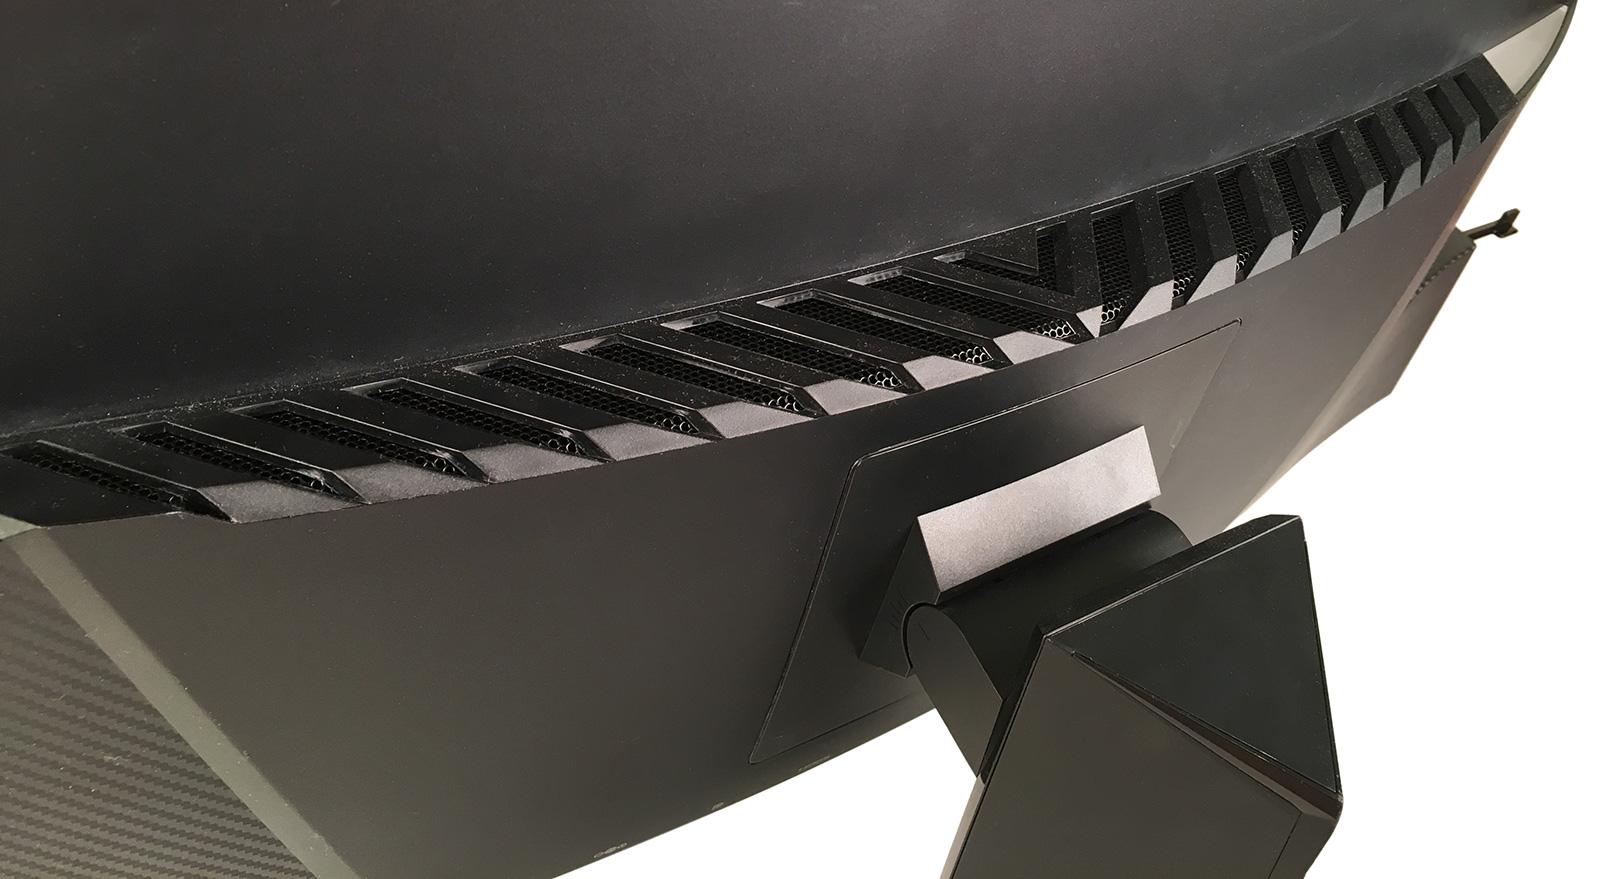 Обзор изогнутого игрового монитора Lenovo Y27g Razer Edition - 10